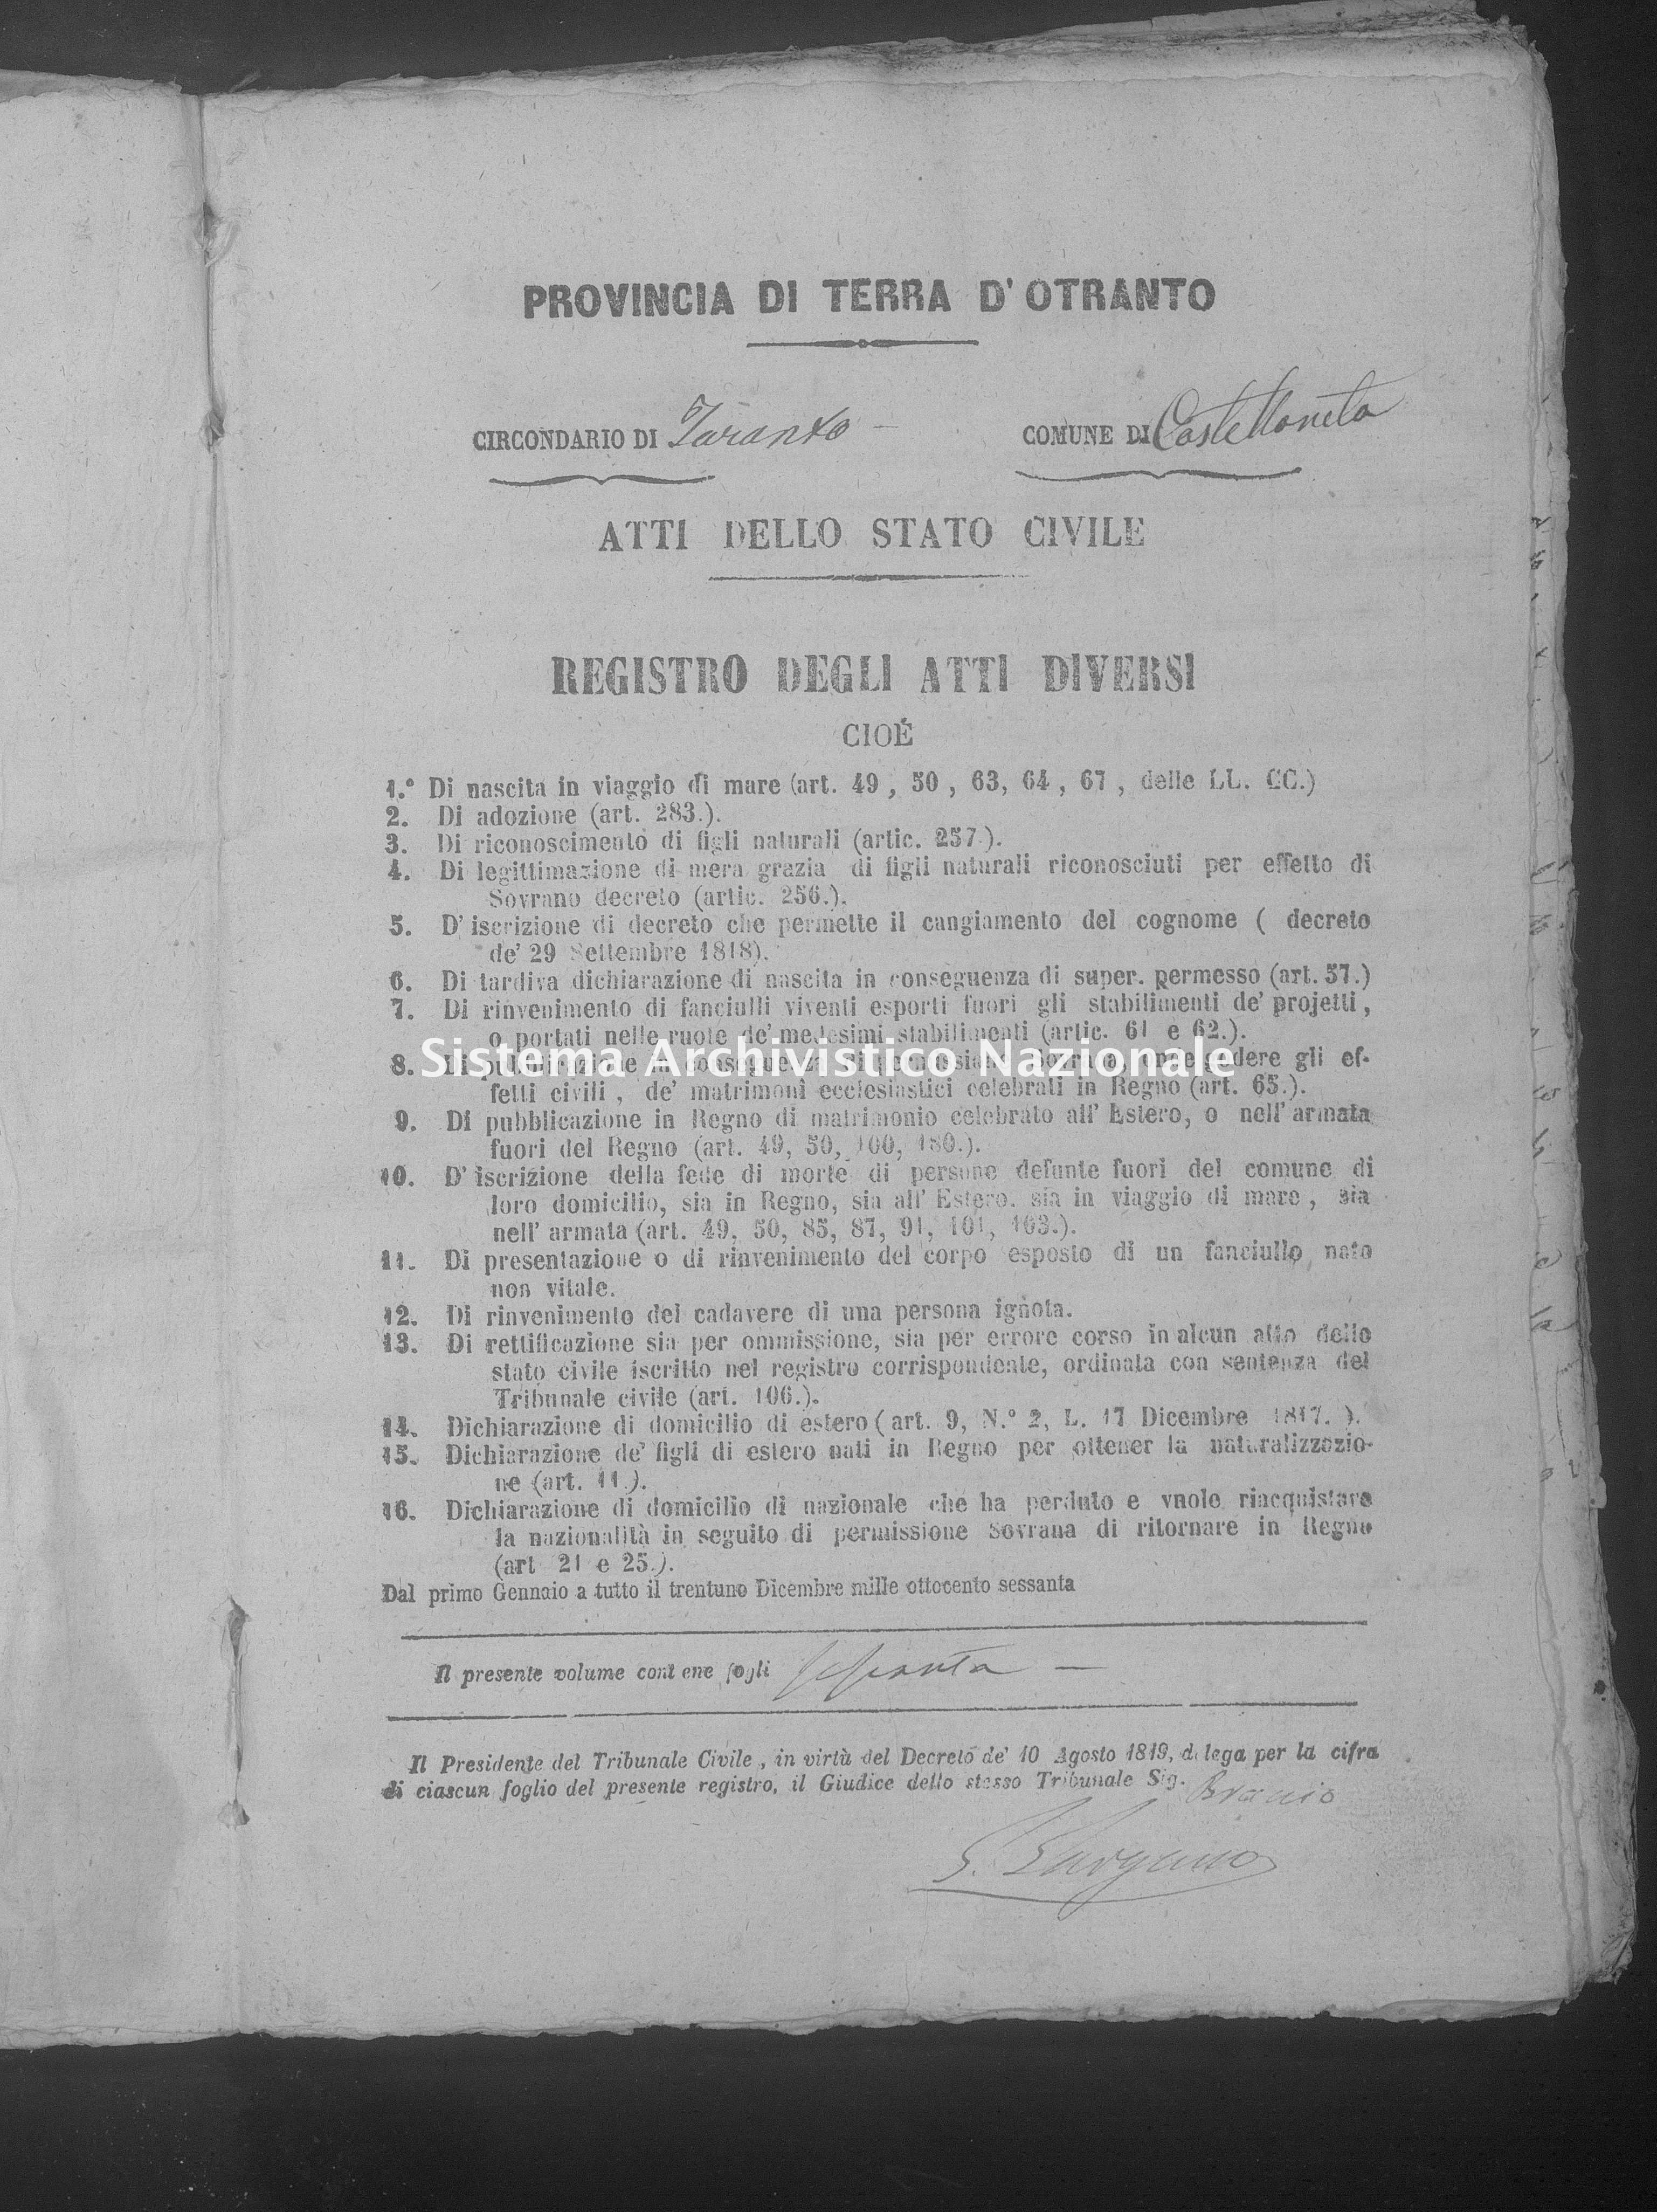 Archivio di stato di Taranto - Atti dello Stato Civile del Distretto giudiziario di Taranto - Castellaneta - Diversi - 1865 - 4 -